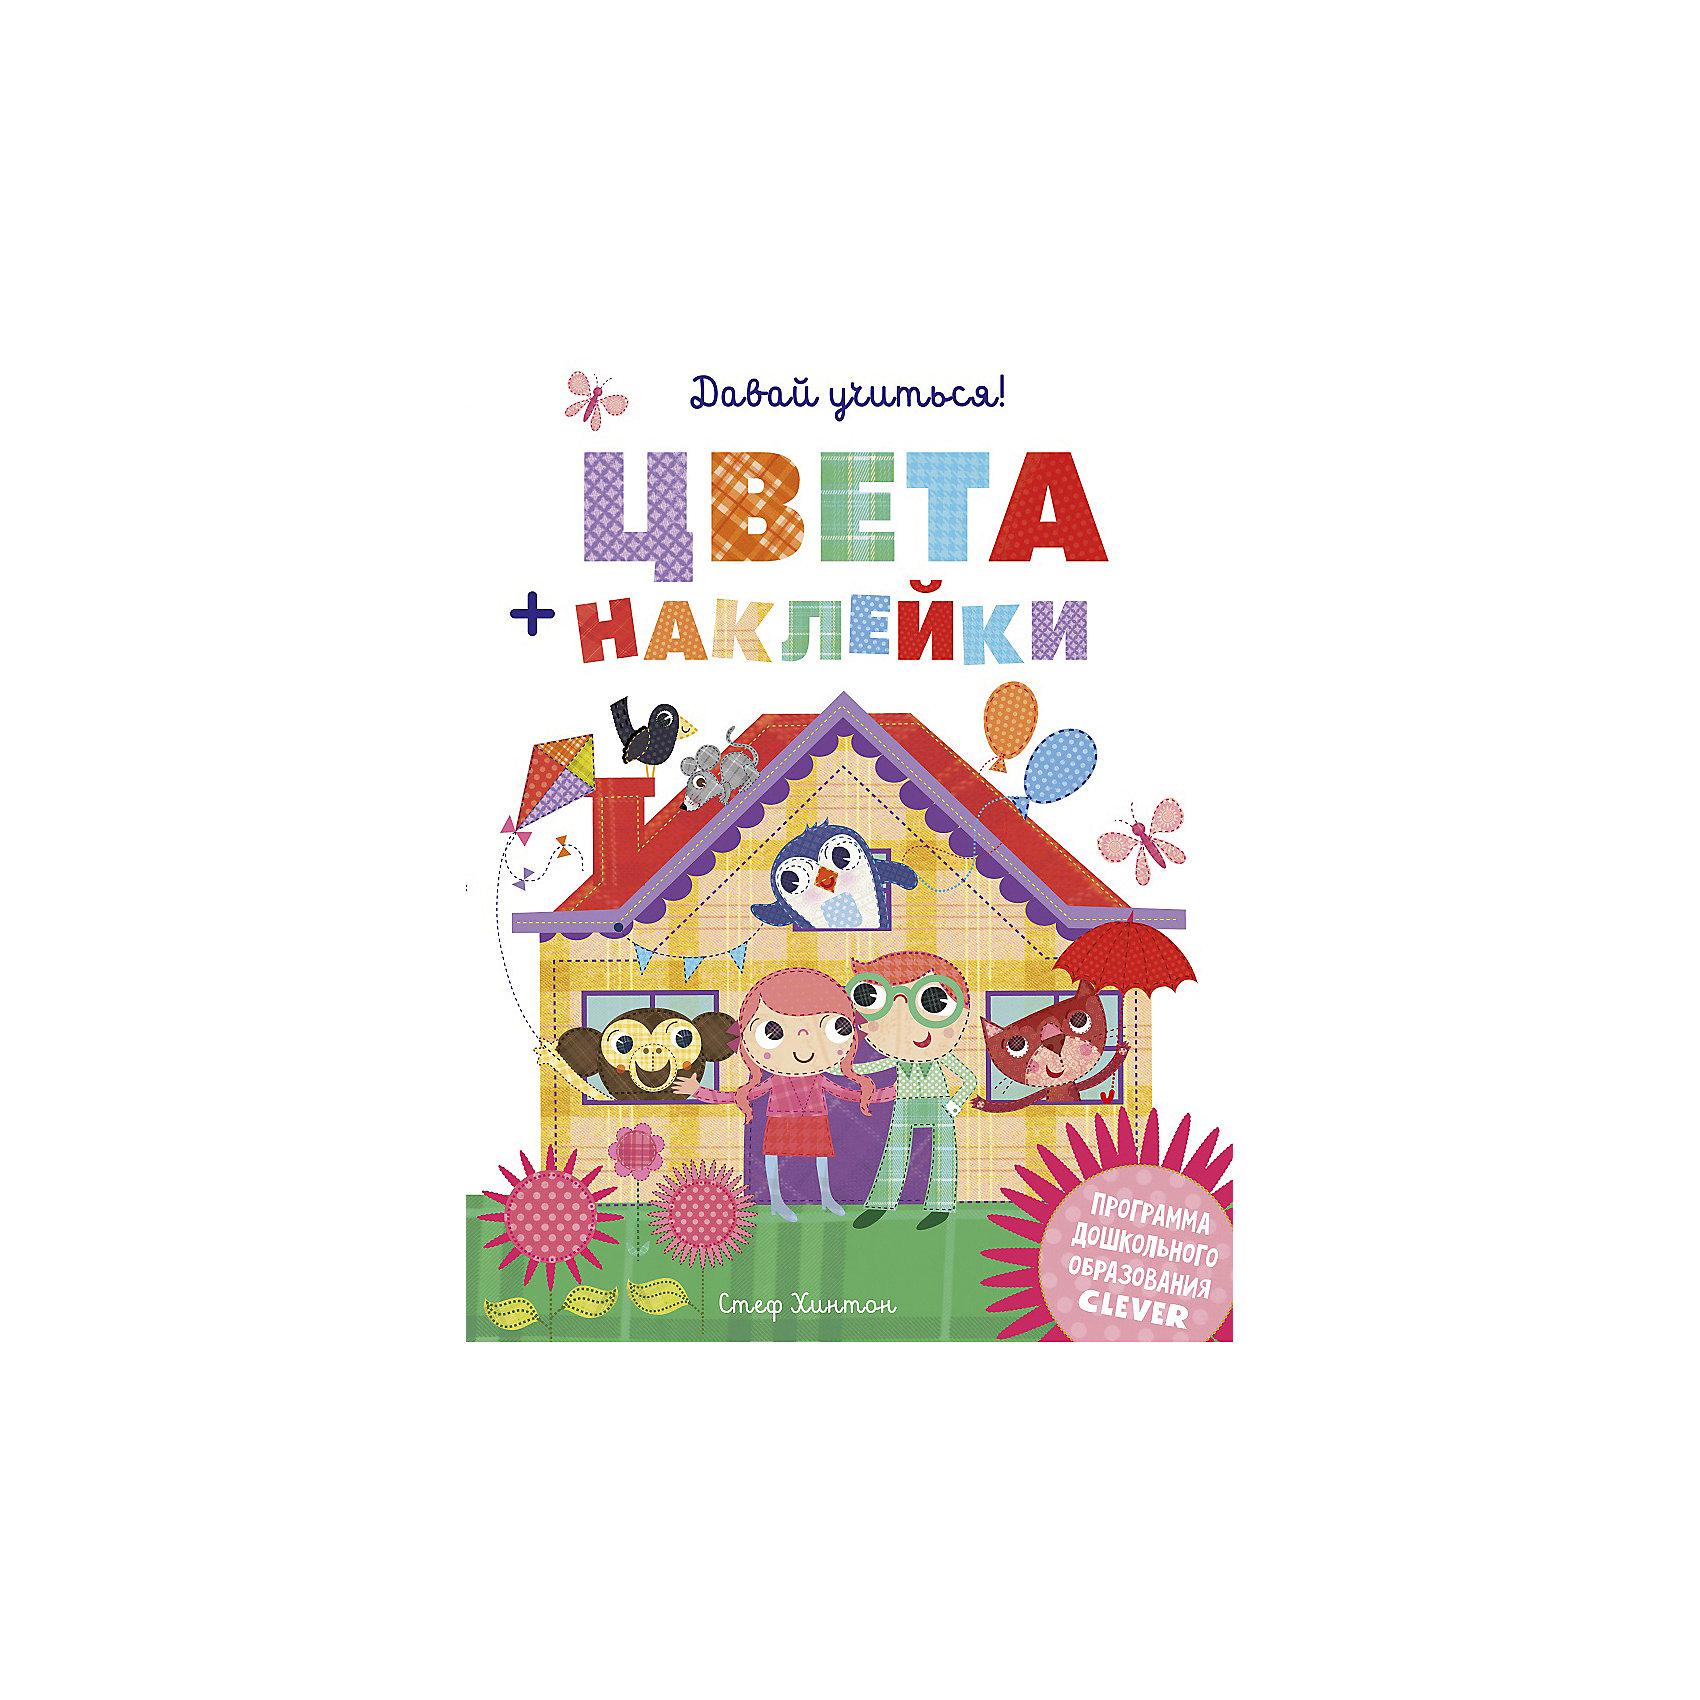 Давай учиться! Цвета + наклейкиКниги – классический вариант обучения малыша. Наклейки добавляют книгам современности и притягивают интерес малыша к каждой страничке. Издание «Давай учиться! Цвета + наклейки» разработано специалистами в области раннего обучения ребенка. Сборник содержит множество красочных и ярких иллюстраций, которые понравятся и взрослым и детям. Каждое увлекательное задание книги направлено на развитие какого-либо качества у ребенка. Малыш научится читать, писать, считать и понимать задания сам. Увлекательные задания, интересные лабиринты, ребусы и художественное оформление сделали книгу настоящим бестселлером в своем отделе!<br><br>Дополнительная информация:<br><br>формат: 22 х 29 см;<br>страниц: 28;<br>мягкая обложка.<br><br>Издание «Давай учиться! Цвета + наклейки» можно приобрести в нашем магазине.<br><br>Ширина мм: 285<br>Глубина мм: 215<br>Высота мм: 10<br>Вес г: 160<br>Возраст от месяцев: 48<br>Возраст до месяцев: 72<br>Пол: Унисекс<br>Возраст: Детский<br>SKU: 4976124